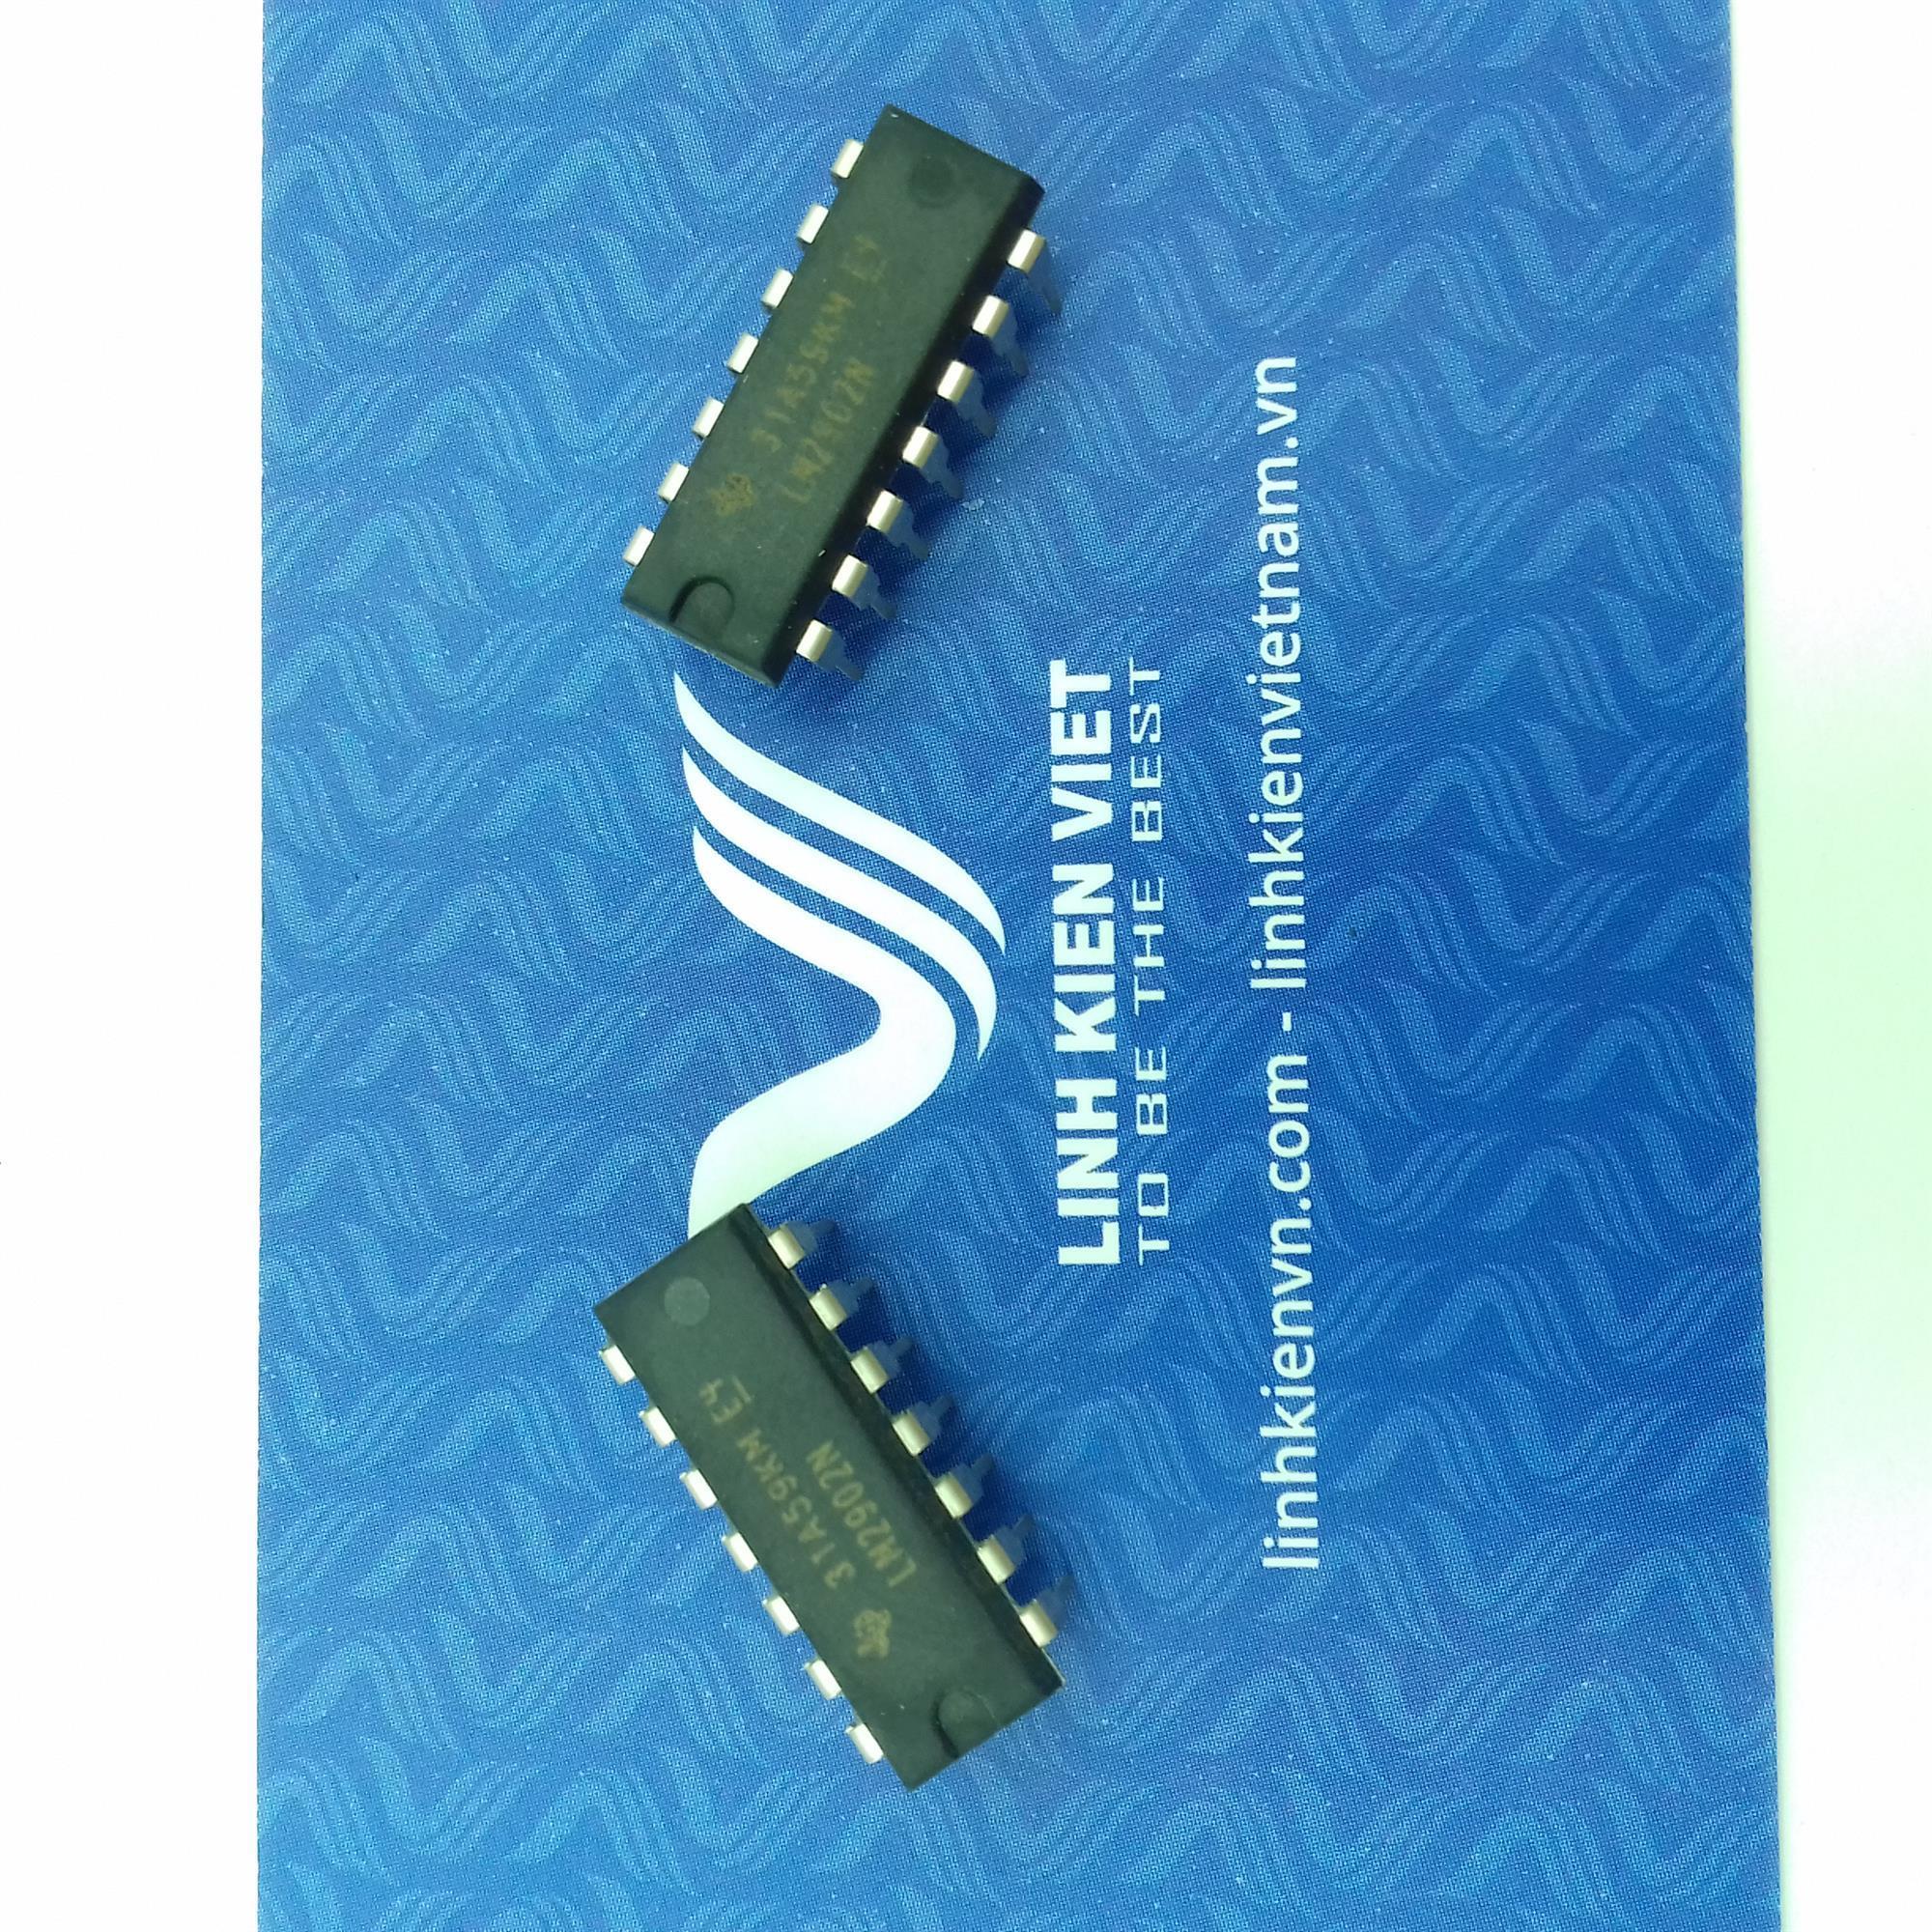 IC LM2902 - DIP14 - F5H8